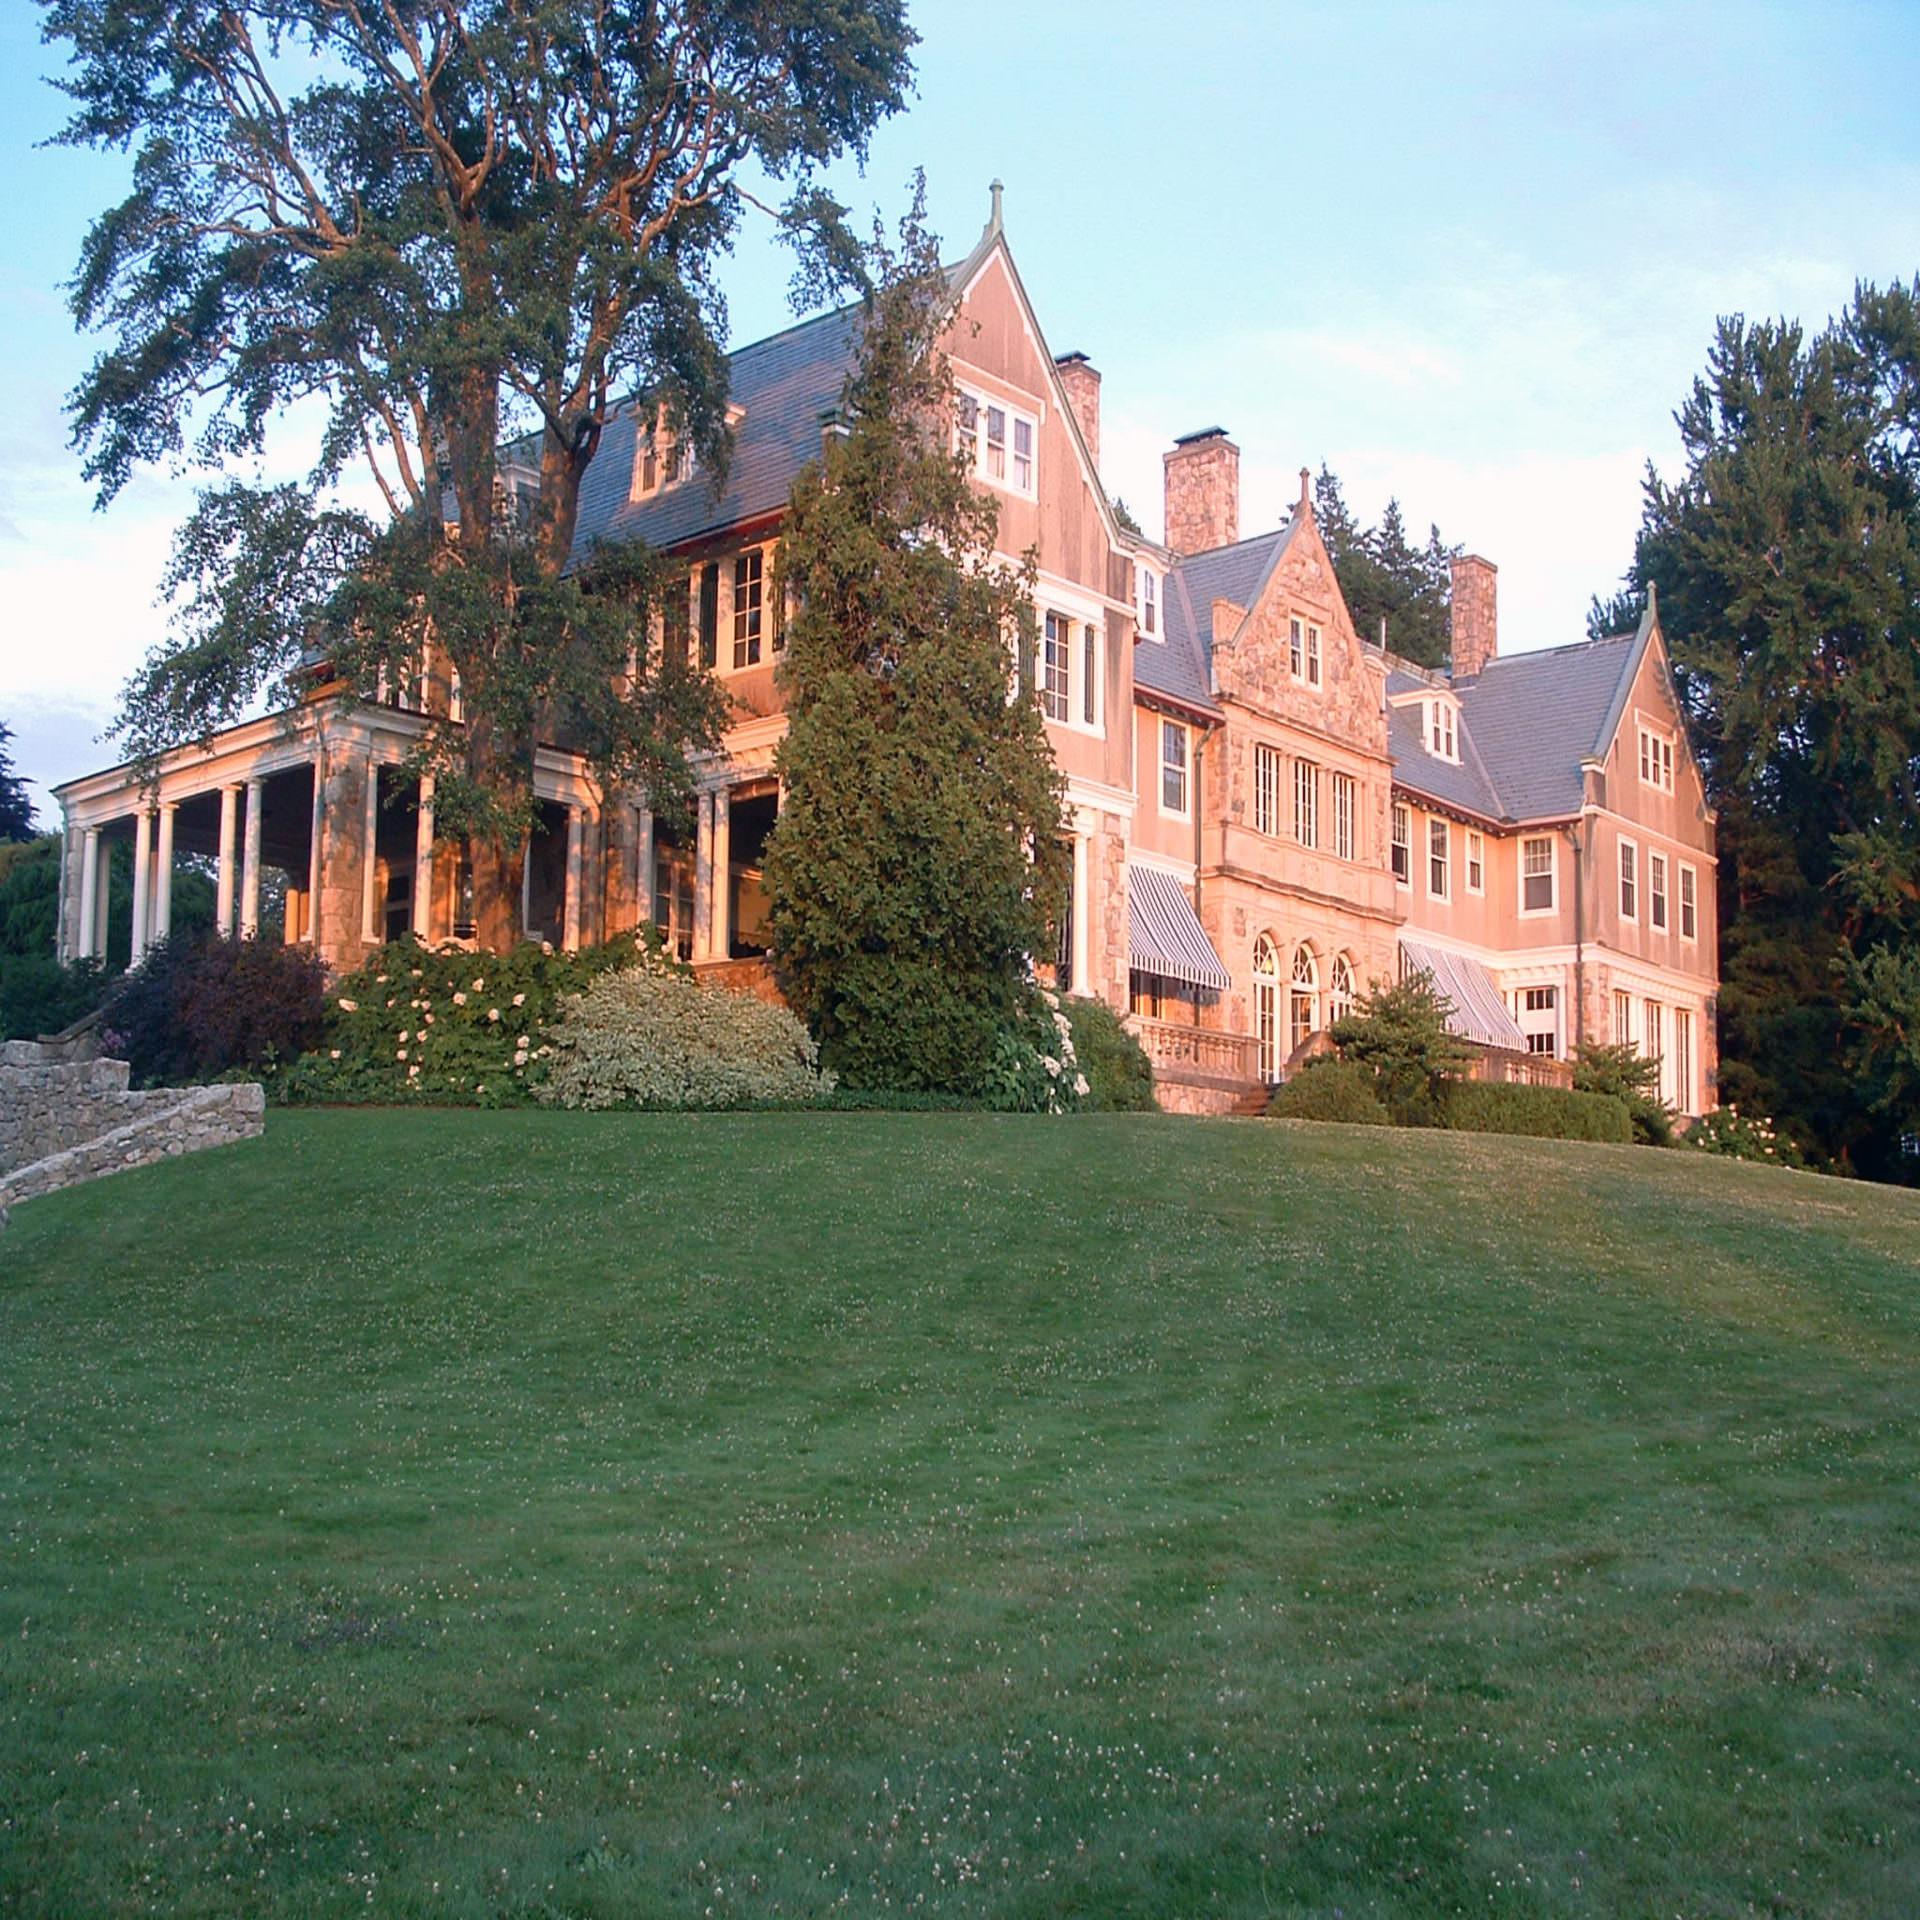 blithewold mansion & arboretum - BRISTOL, RHODE ISLAND